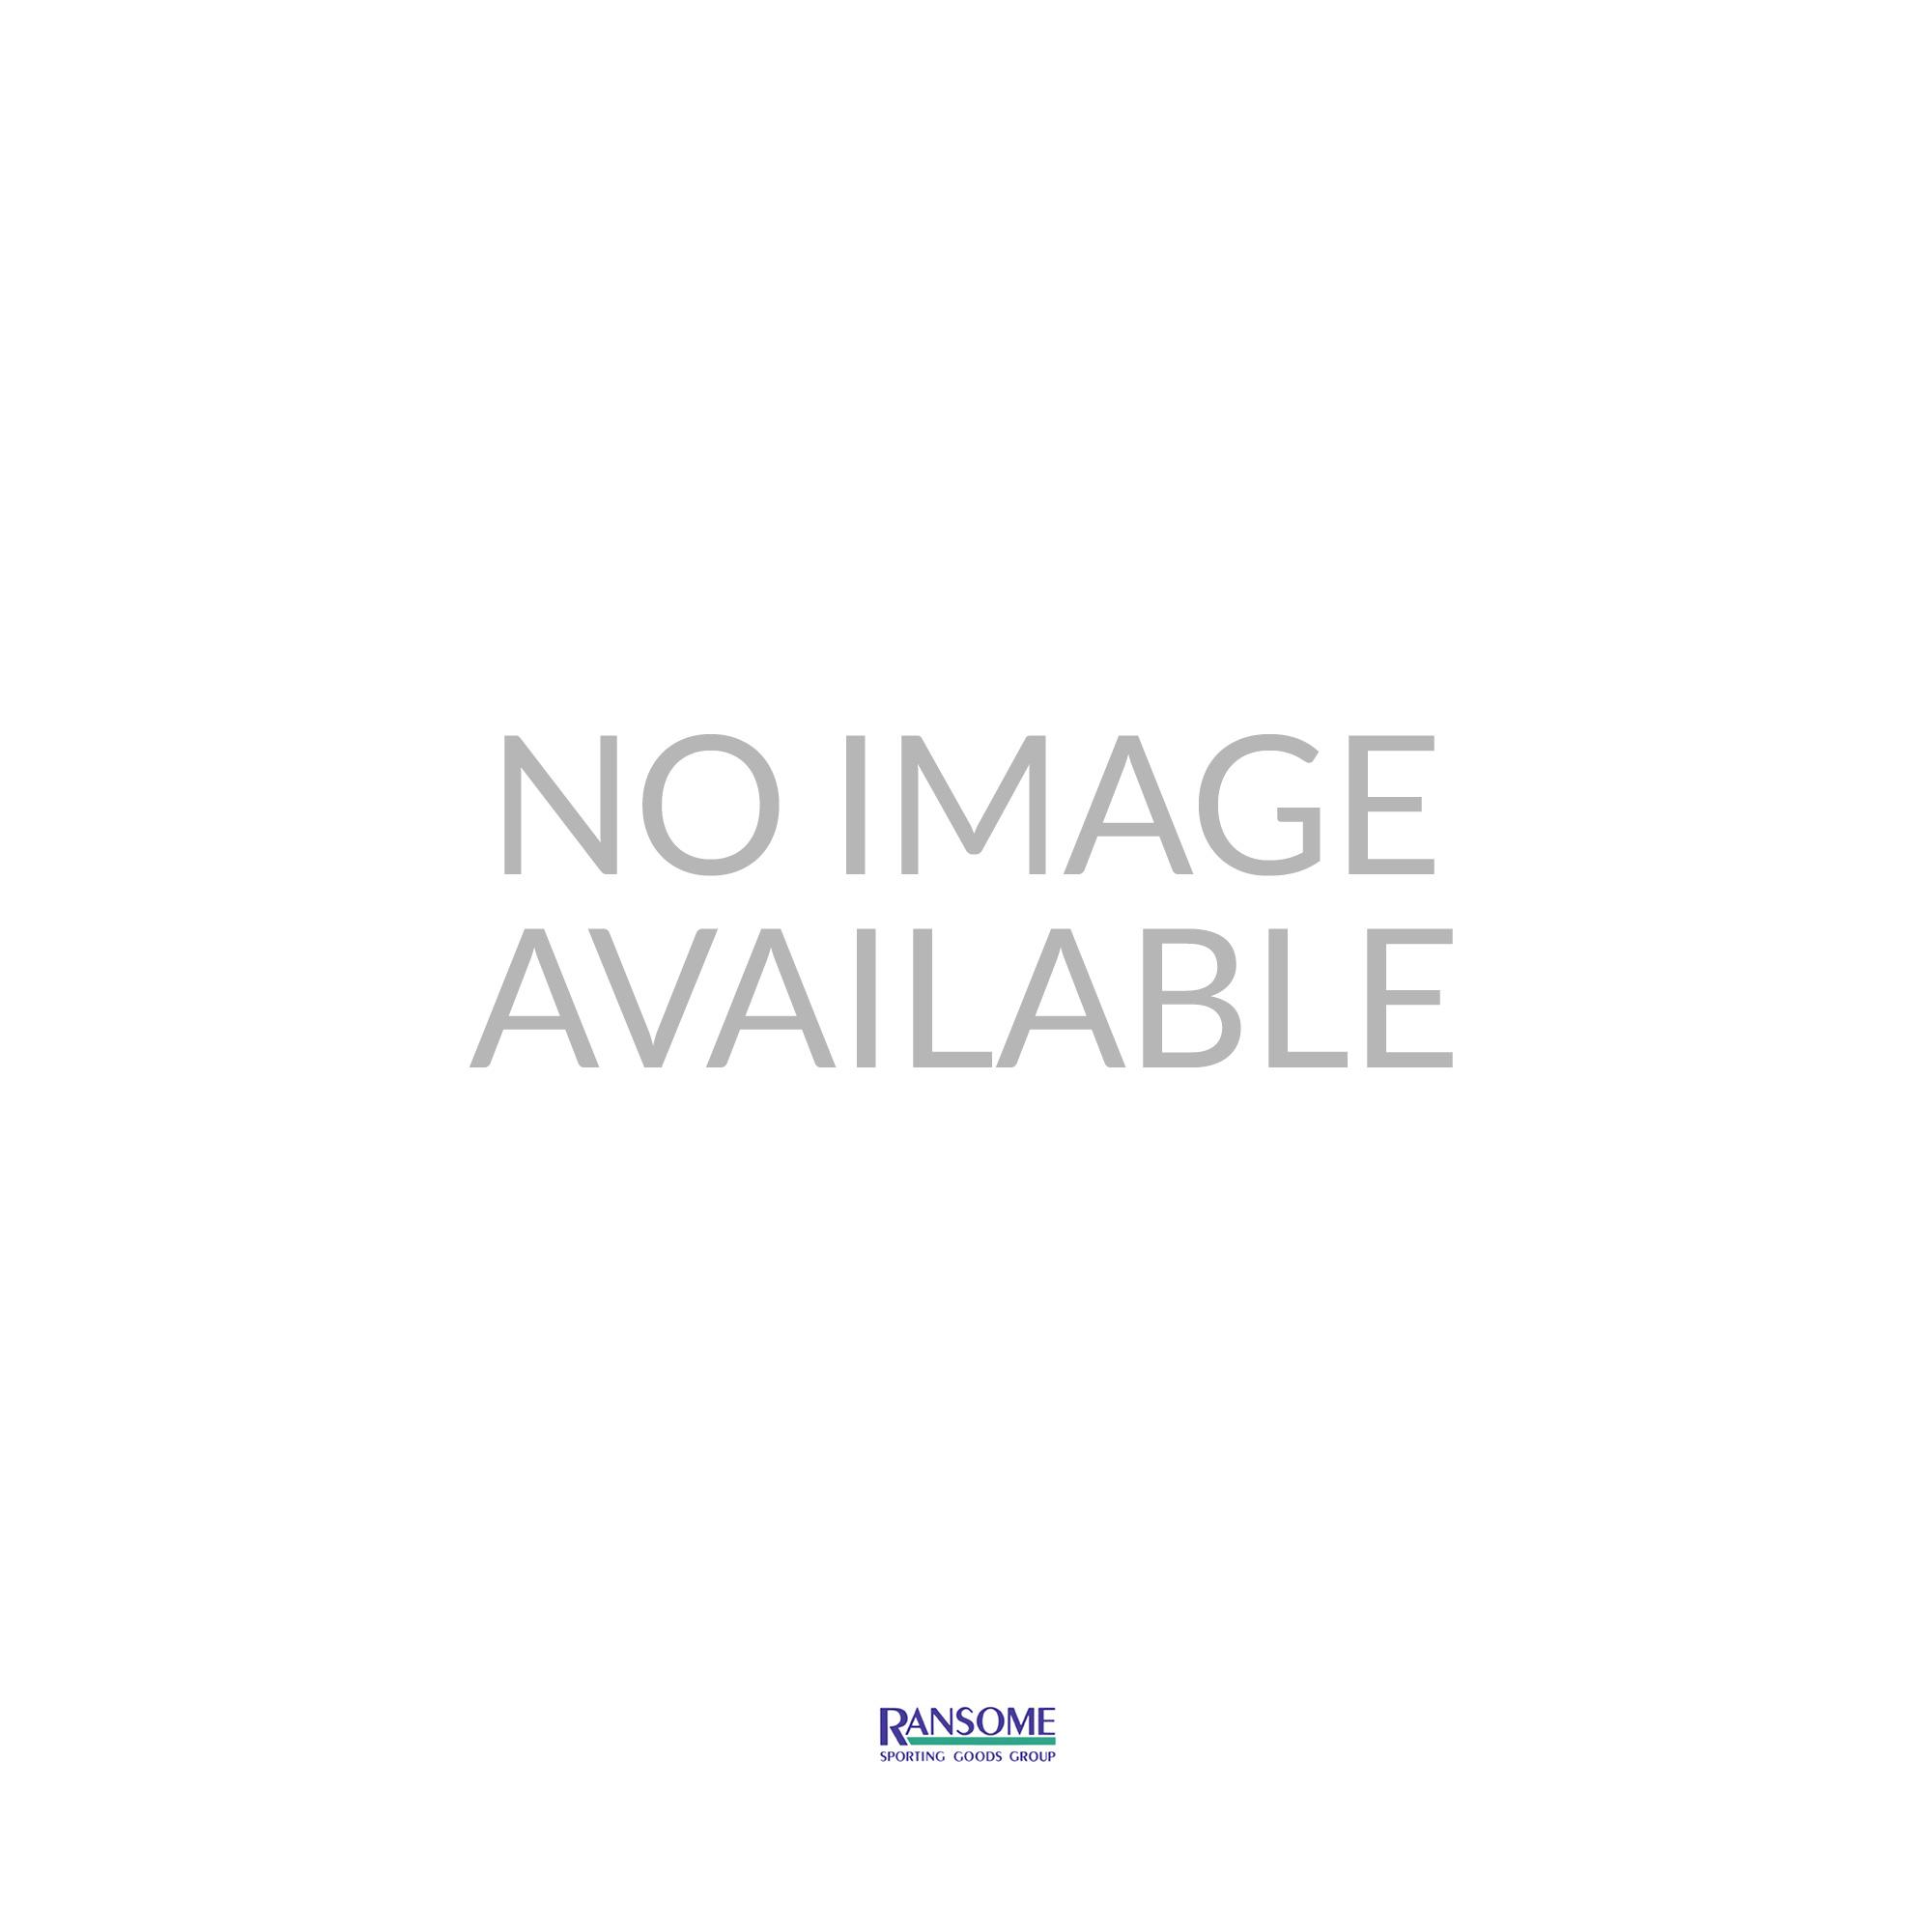 Unsquashable Y-Tec 5000 Squash Racket